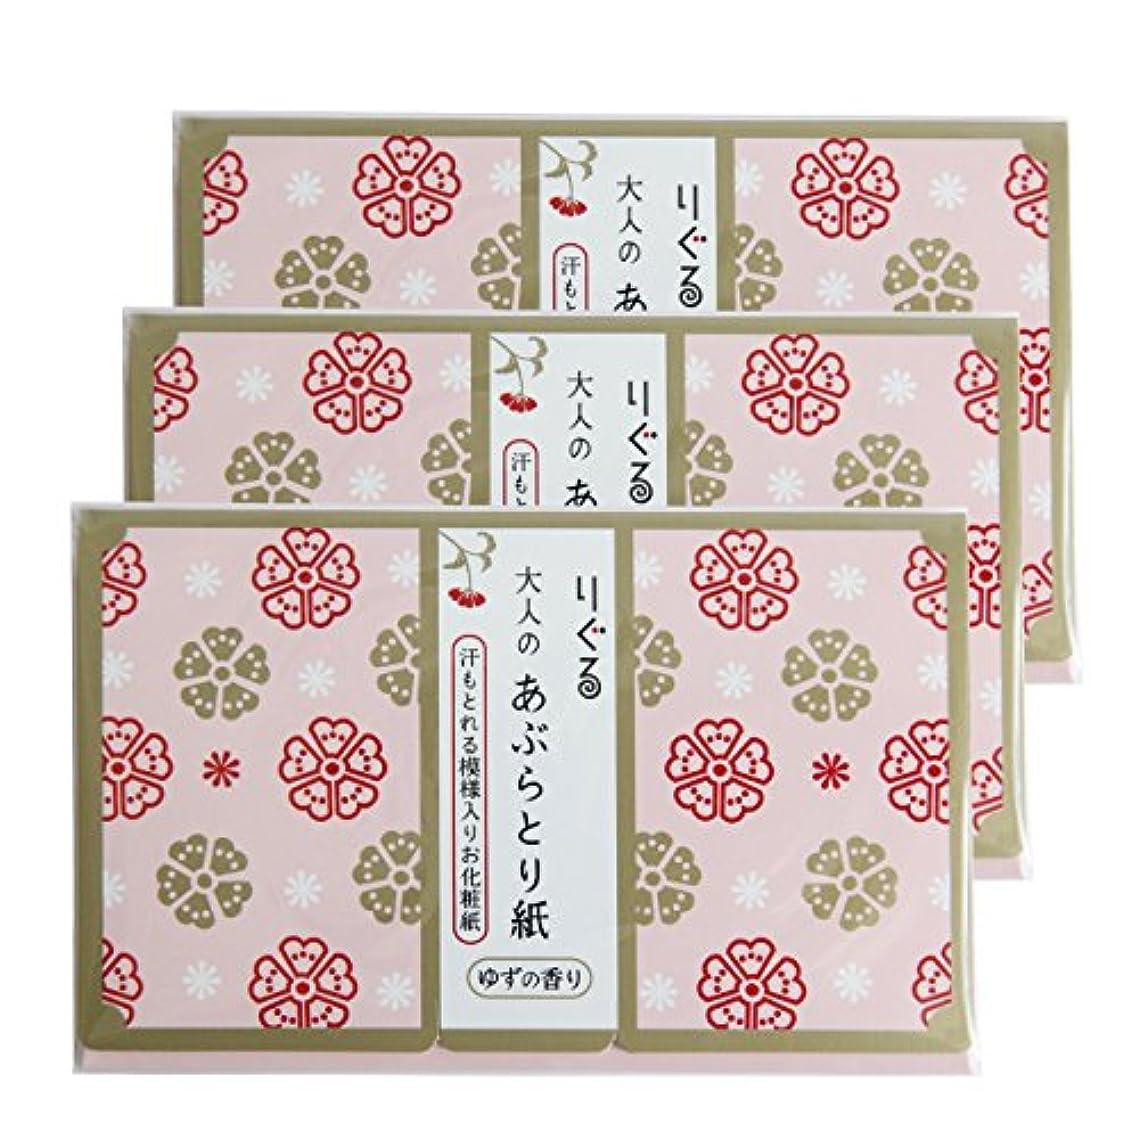 部分的うるさい慢性的りぐる 大人のあぶらとり紙 使うたびにうれしくなる ちょっと贅沢な高知県産ゆずの香りのあぶらとり紙 (30枚入り)(3p)